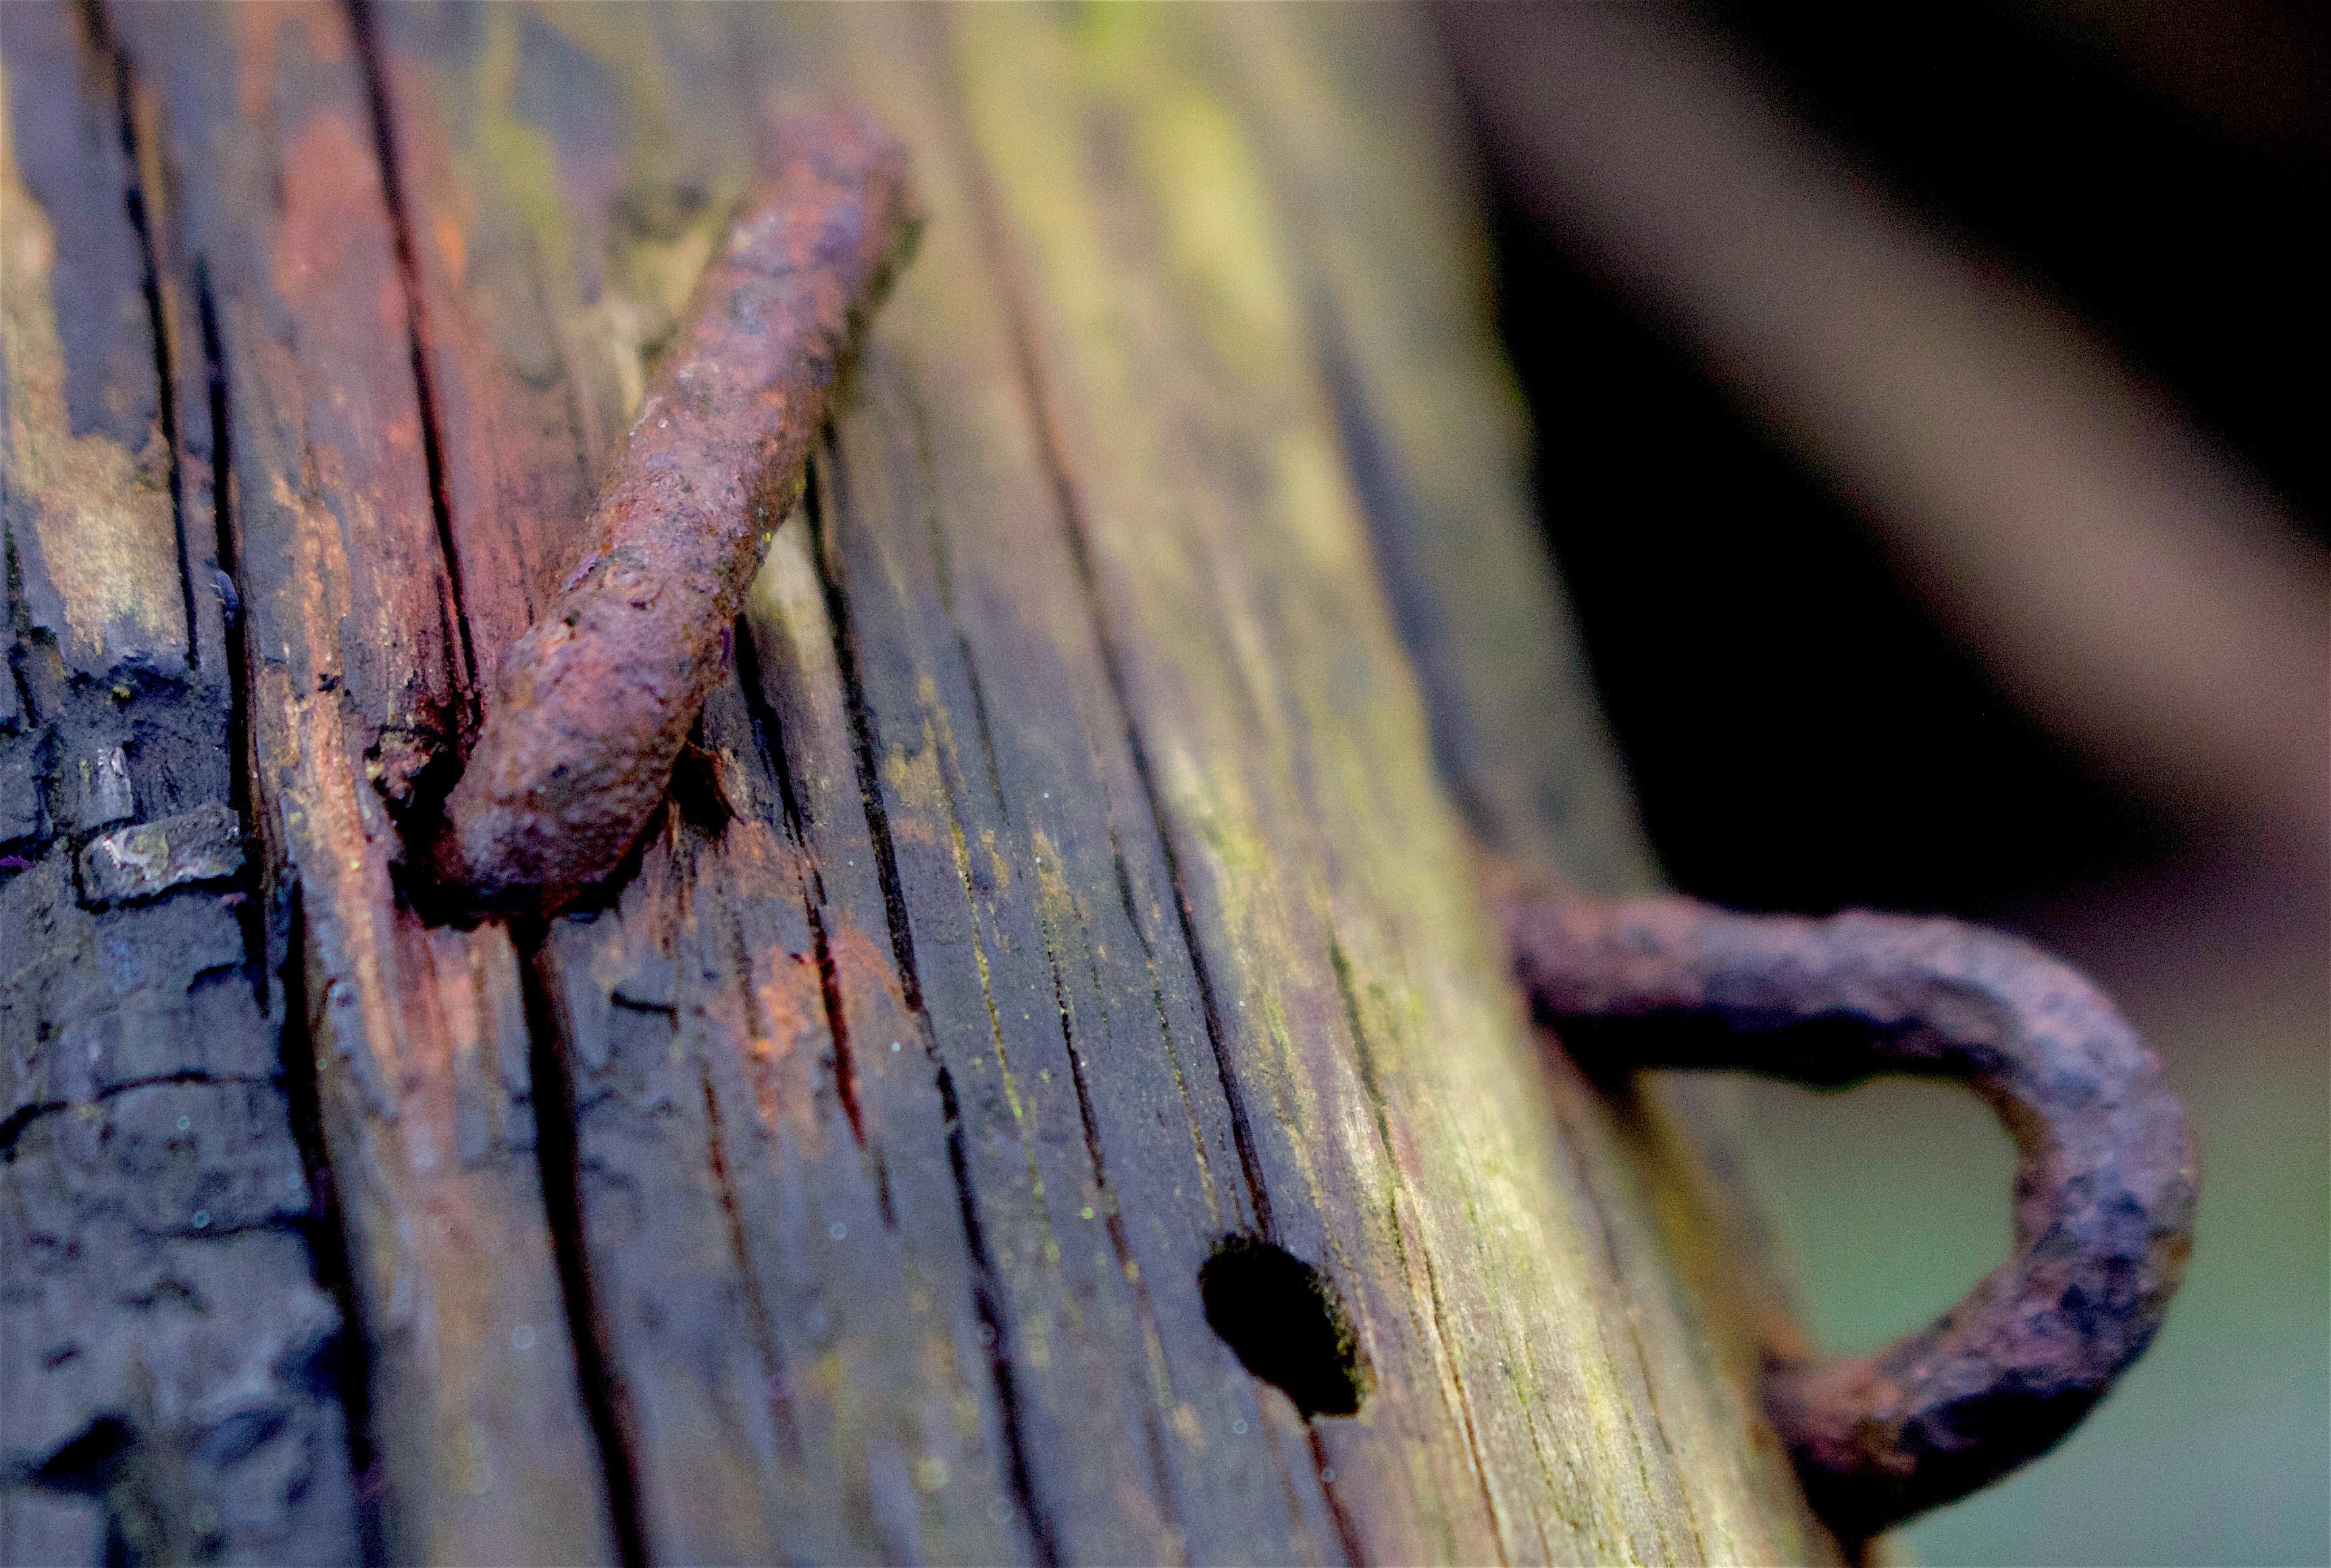 nailhole